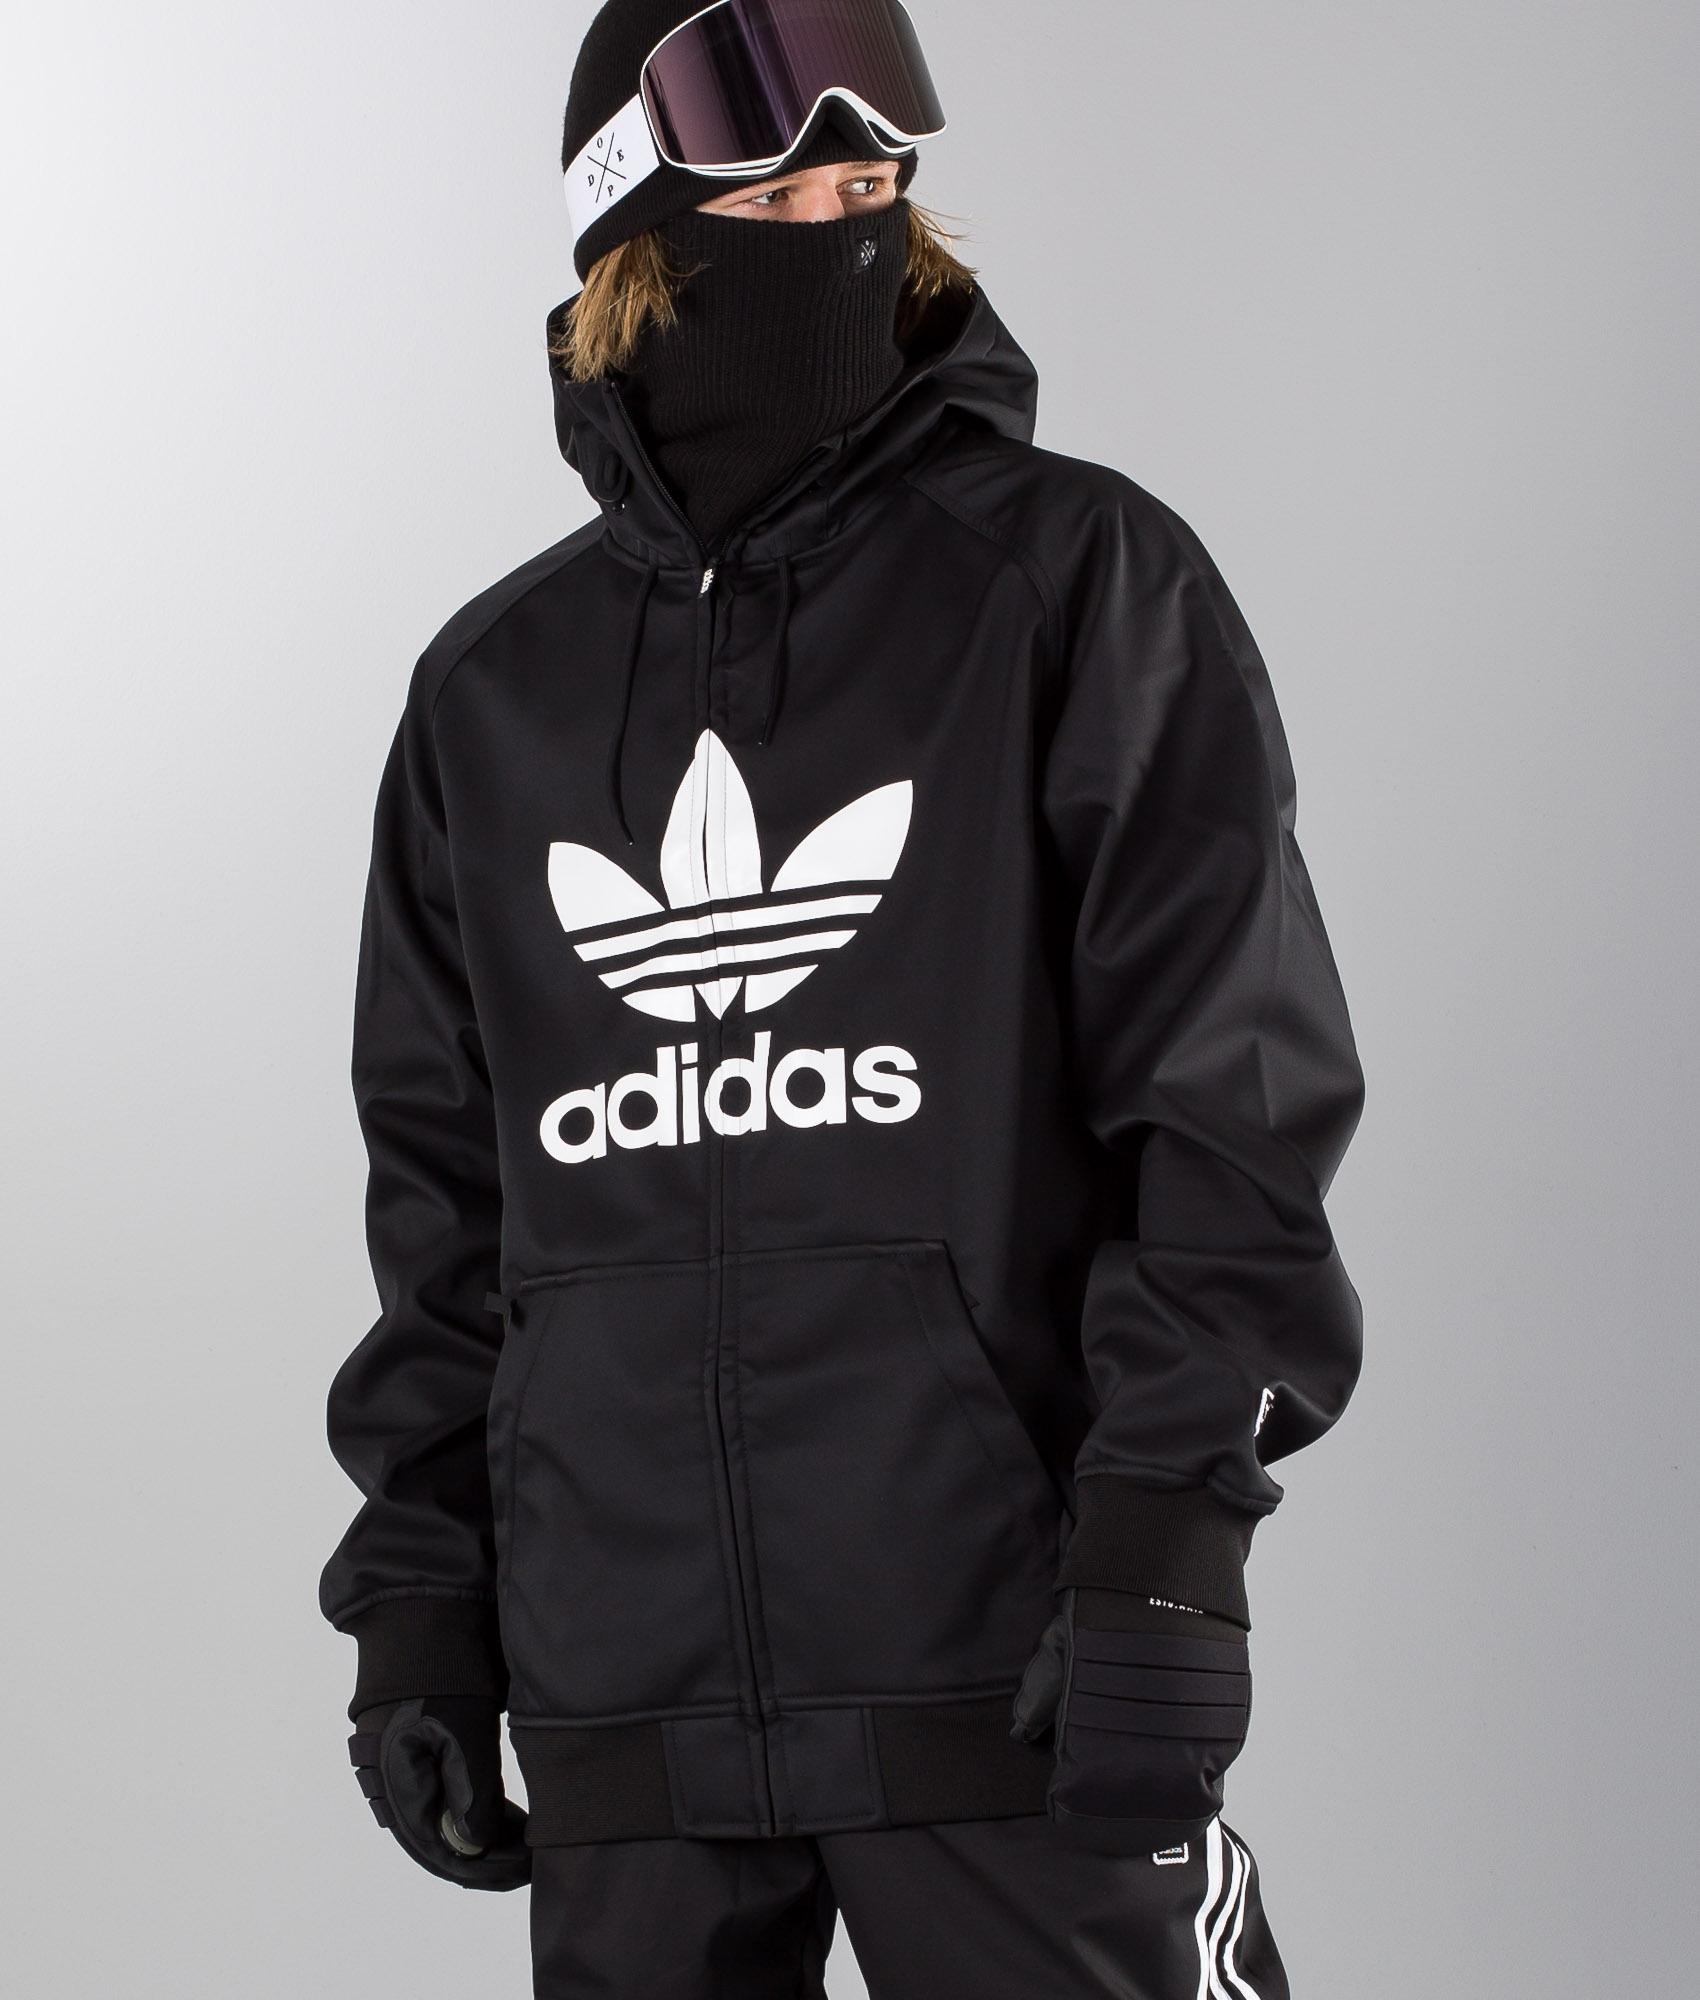 adidas hoodie on sale